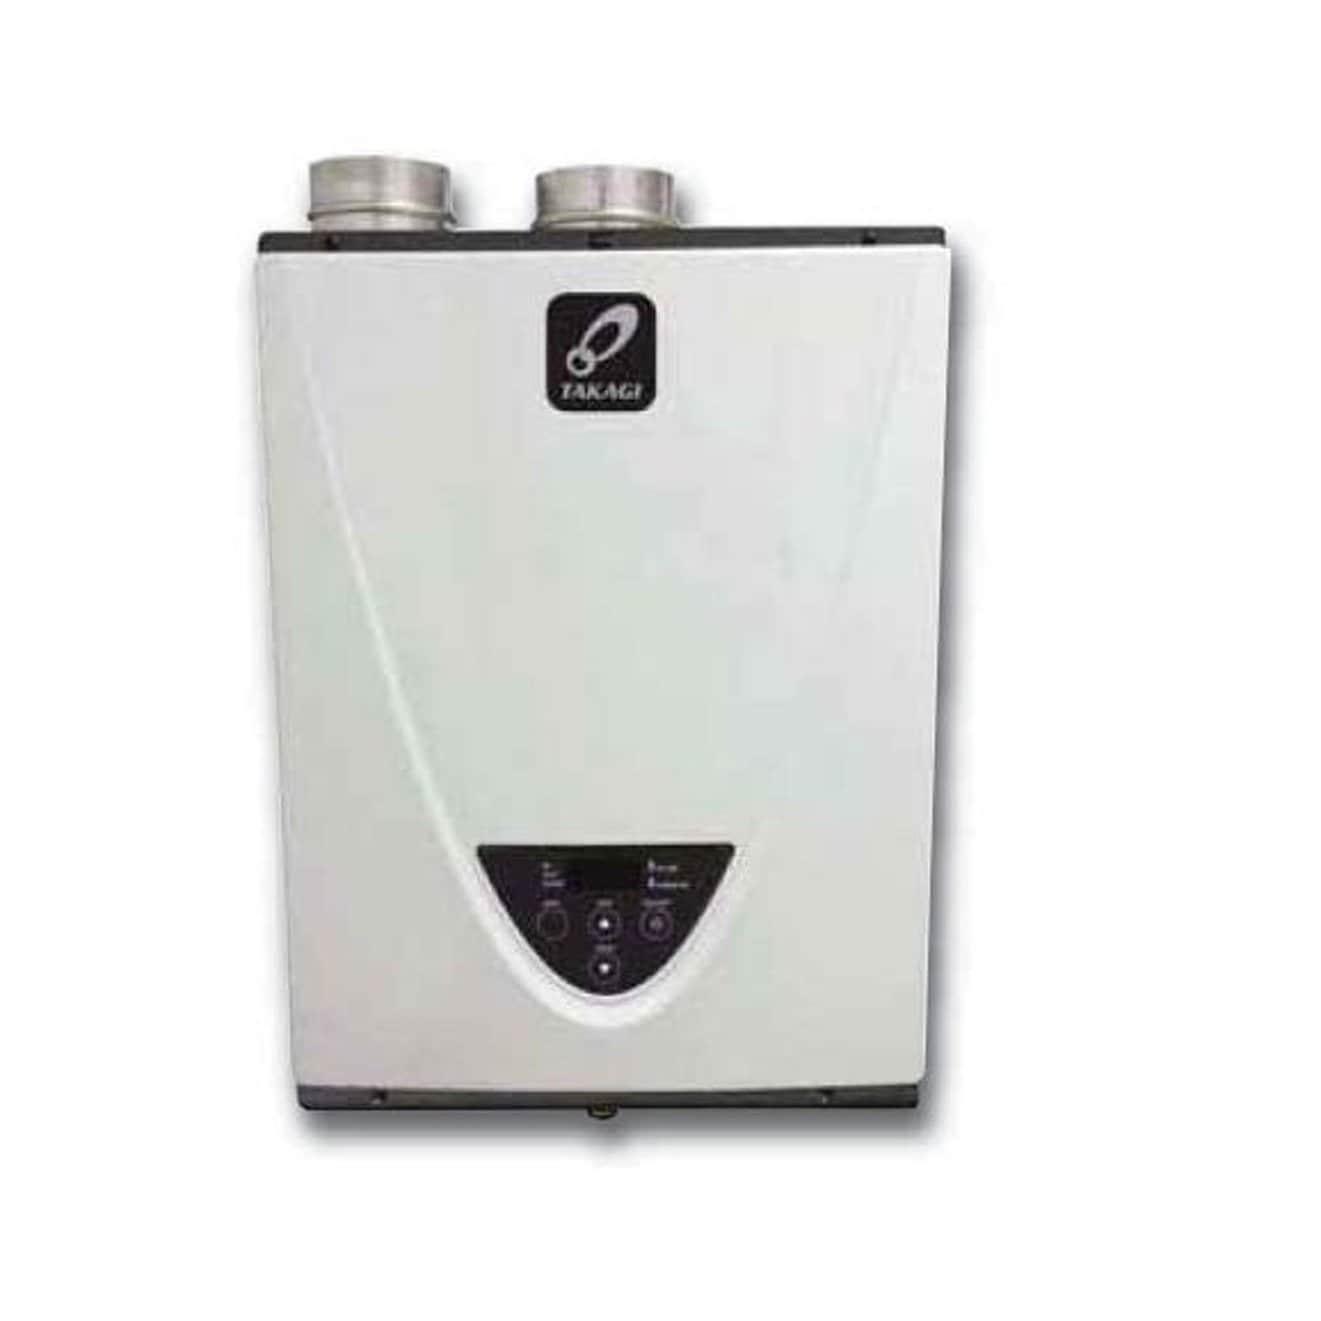 TAKAGI T-H3-DV-N Water Heater (White) (Metal)